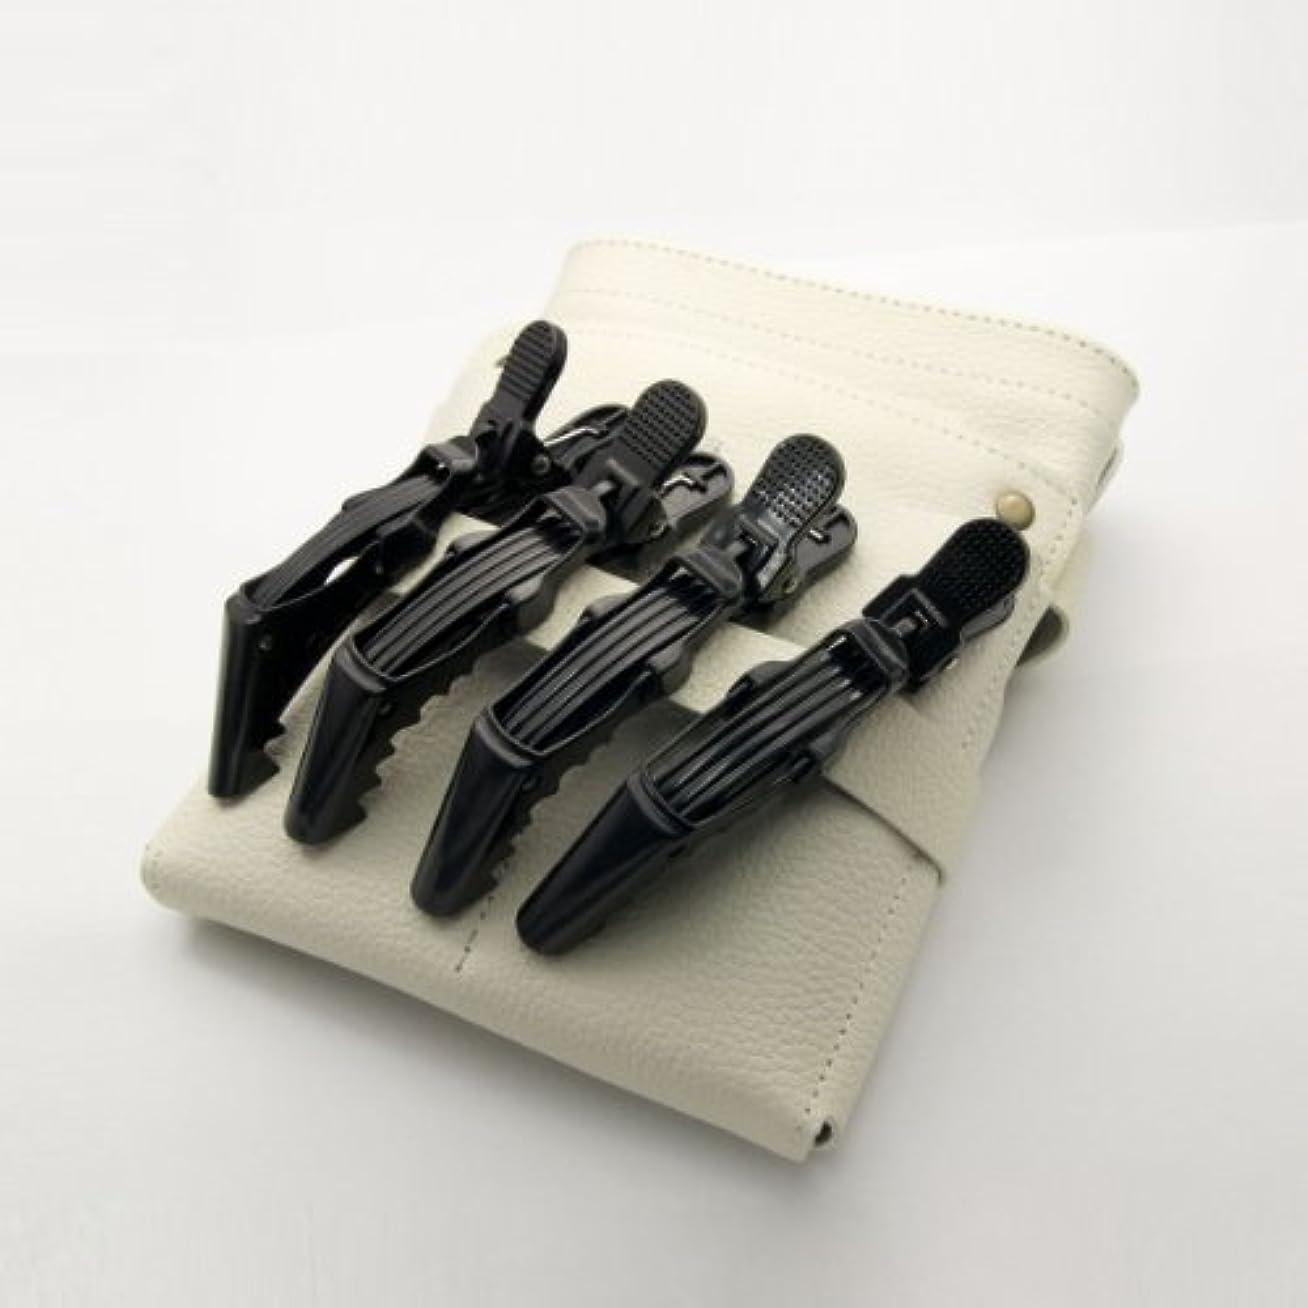 メジャーセンチメンタル価格DEEDS C-0010 プロ用 ワニクリップ ブラック 美容 クリップピン 黒 ヘアクリップ 美容小物